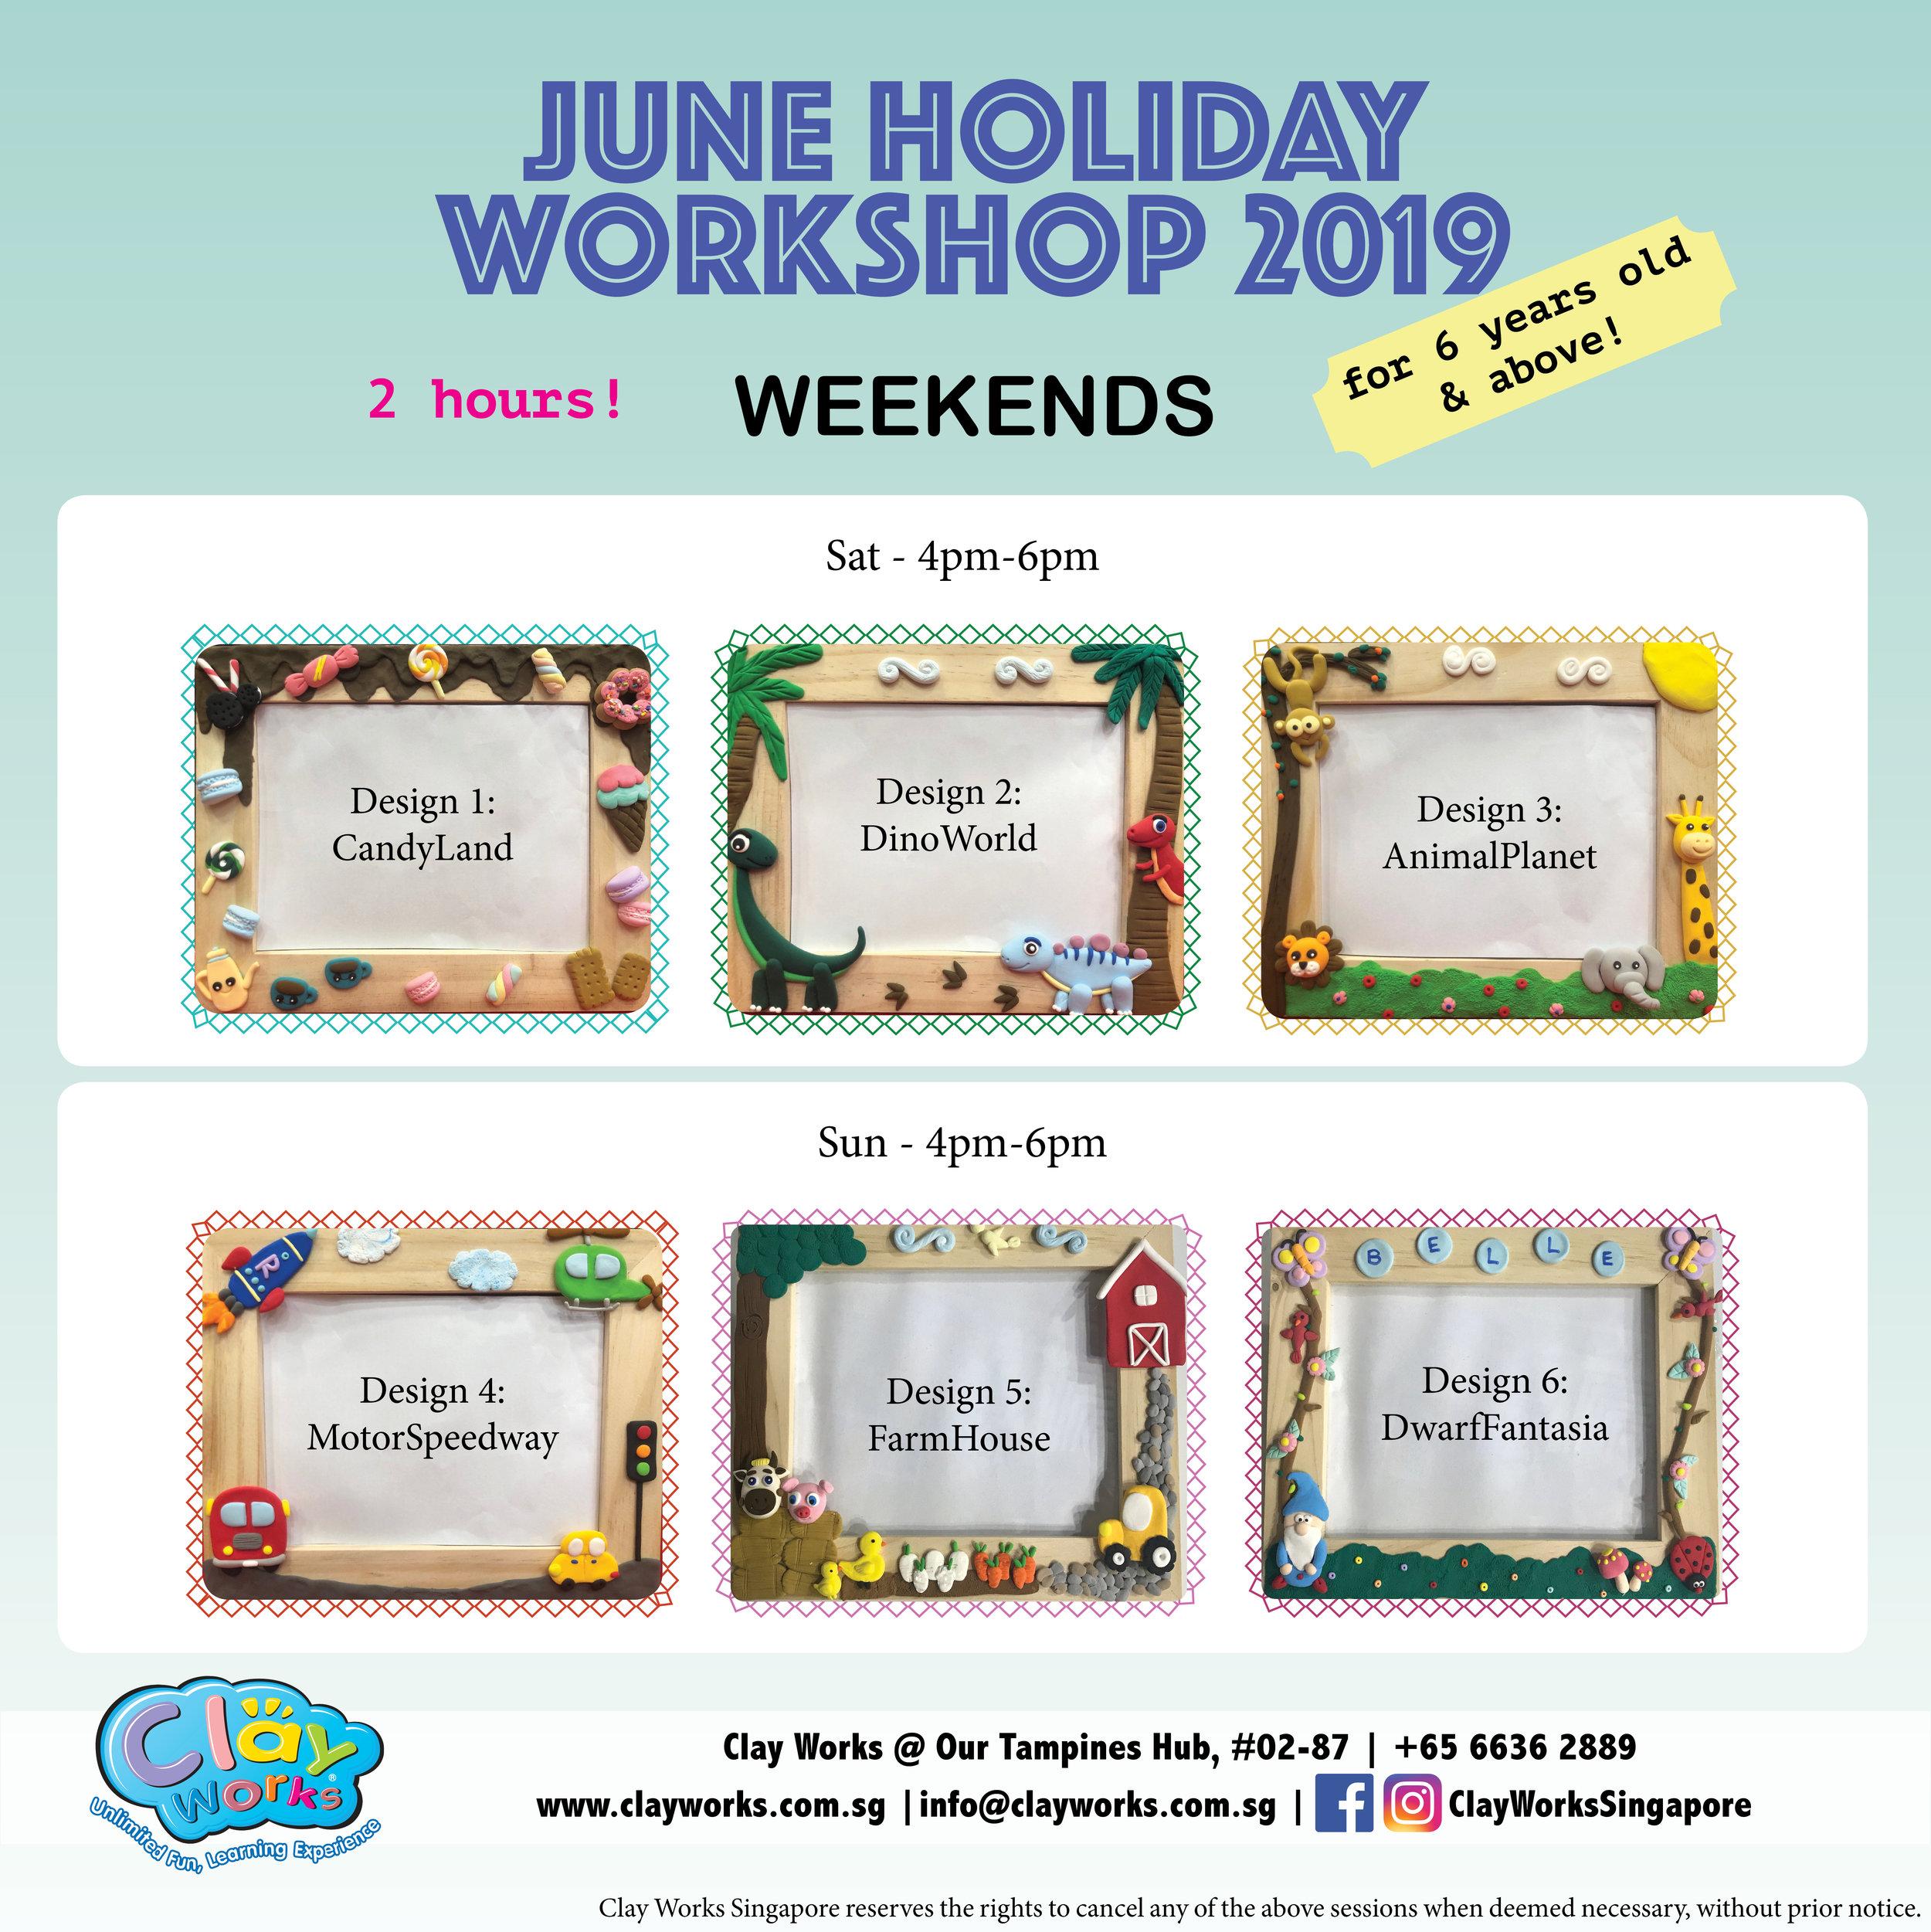 June Holiday Workshop_weekends.jpg